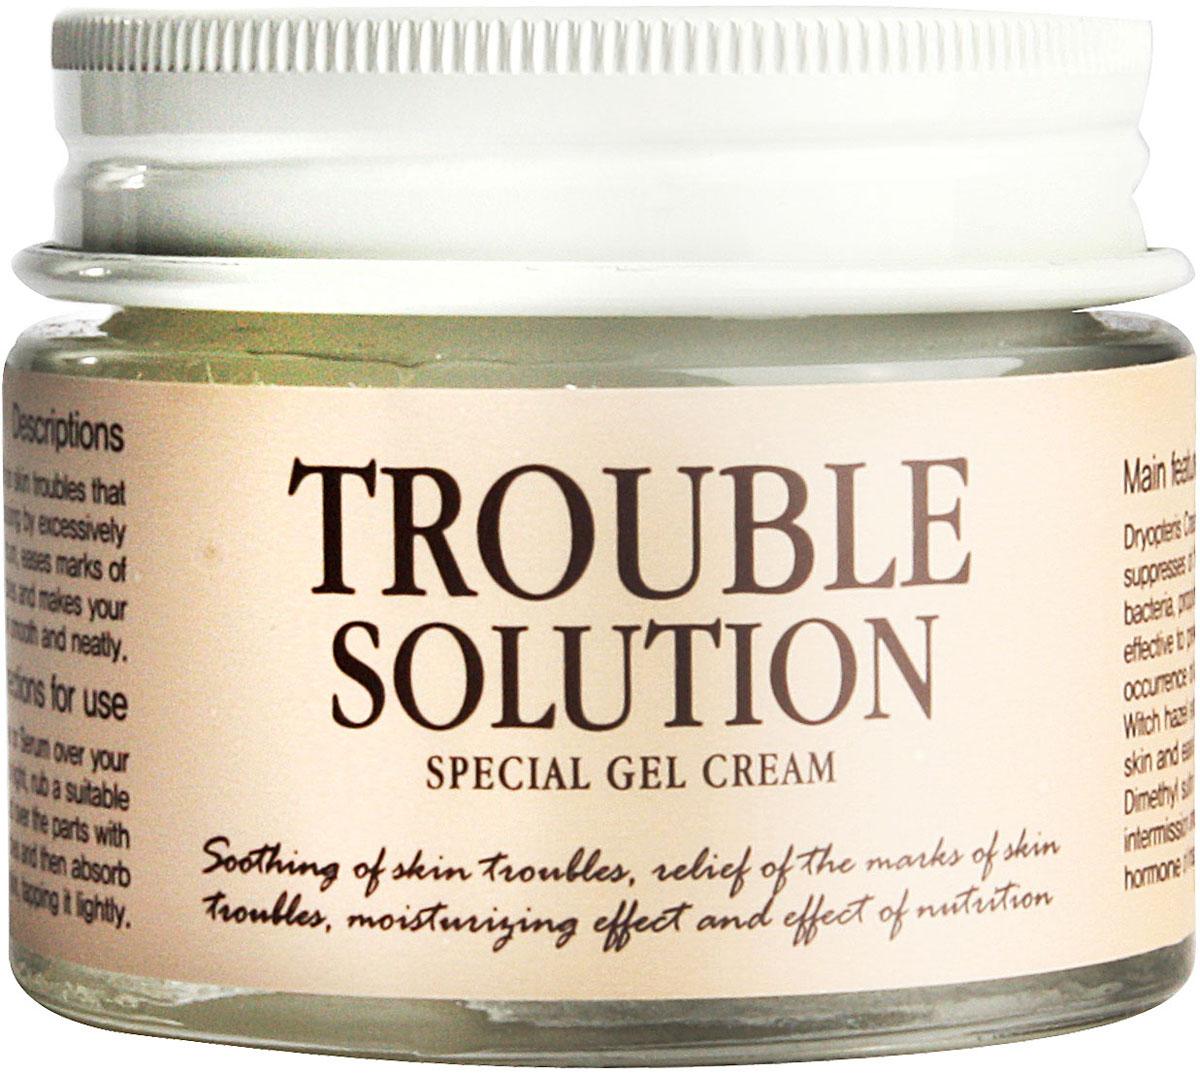 Graymelin Гель-крем для проблемной кожи Trouble Solution Special Gel Cream, 50 г8809071361476Серия средств для проблемной кожи лица Trouble Solution Special содержит комплекс растительных экстрактов, которые эффективно борются с воспалениями. Экстракт листьев алоэ интенсивно увлажняет и успокаивает чувствительную проблемную кожу. Сок кипарисовика туполистного обладает антибактериальным и очищающим действием. Он содержит большой процент минералов и витаминов и насыщает кожу полезными элементами. Бета-глюкан повышает кожный иммунитет и препятствует развитию воспалений. Гель-крем смягчает и увлажняет кожу, препятствуя развитию воспалений. Средство на 80% состоит из растительных компонентов и минимизирует риск развития аллергических реакций и появление раздражений. Серия средств для проблемной кожи лица Trouble Solution Special содержит комплекс растительных экстрактов, которые эффективно борются с воспалениями